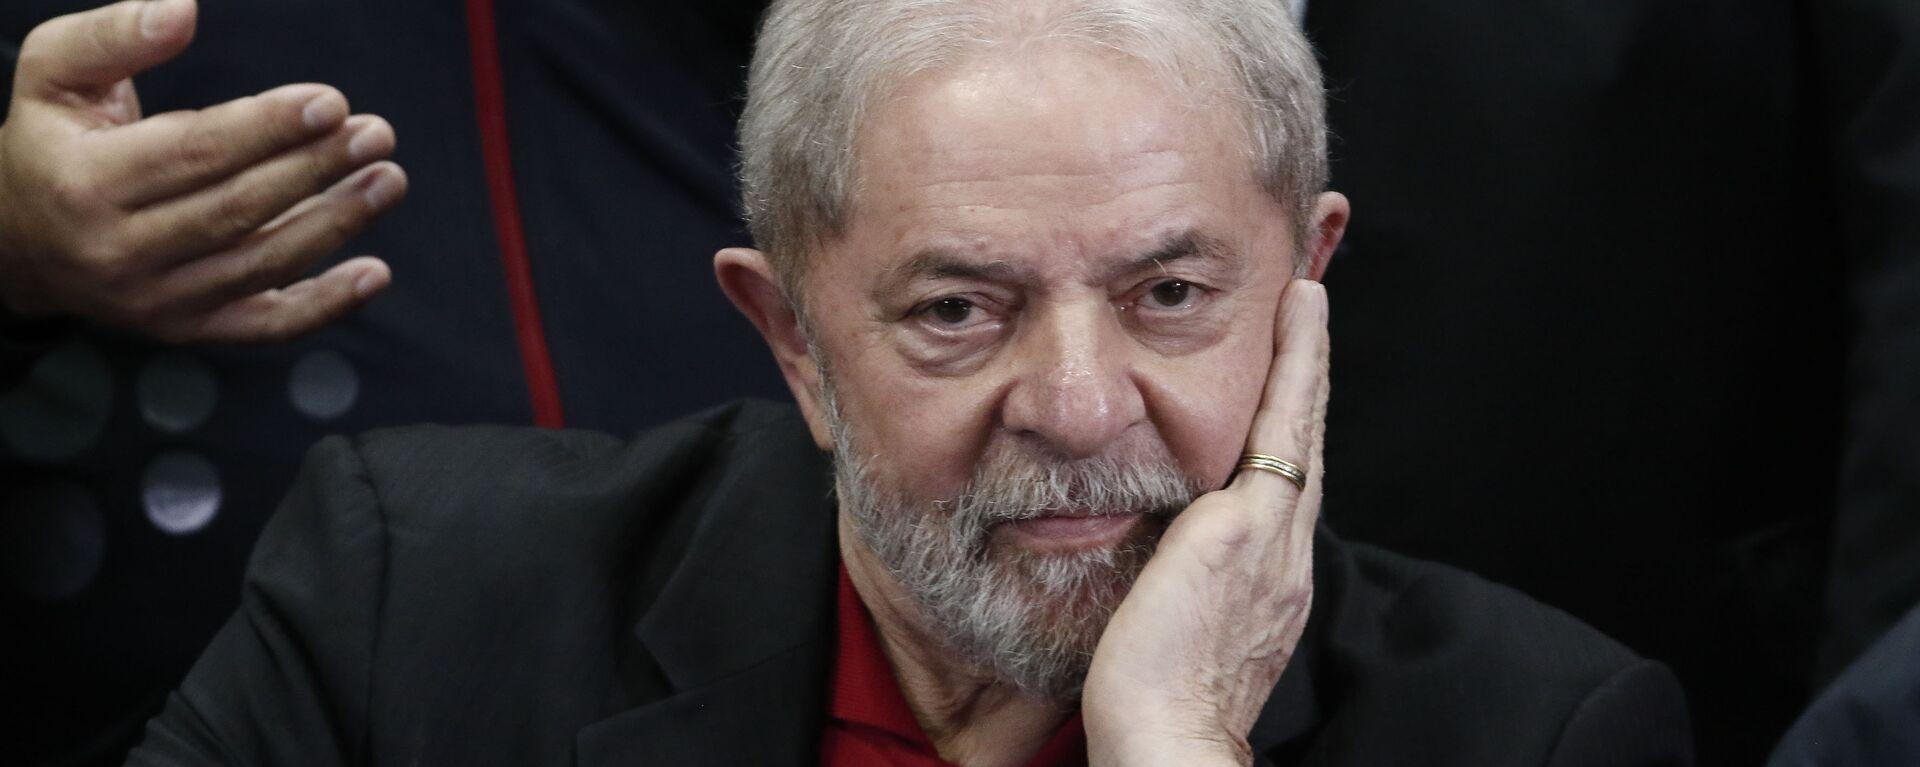 Luiz Inácio Lula da Silva, expresidente brasileño - Sputnik Mundo, 1920, 11.08.2021